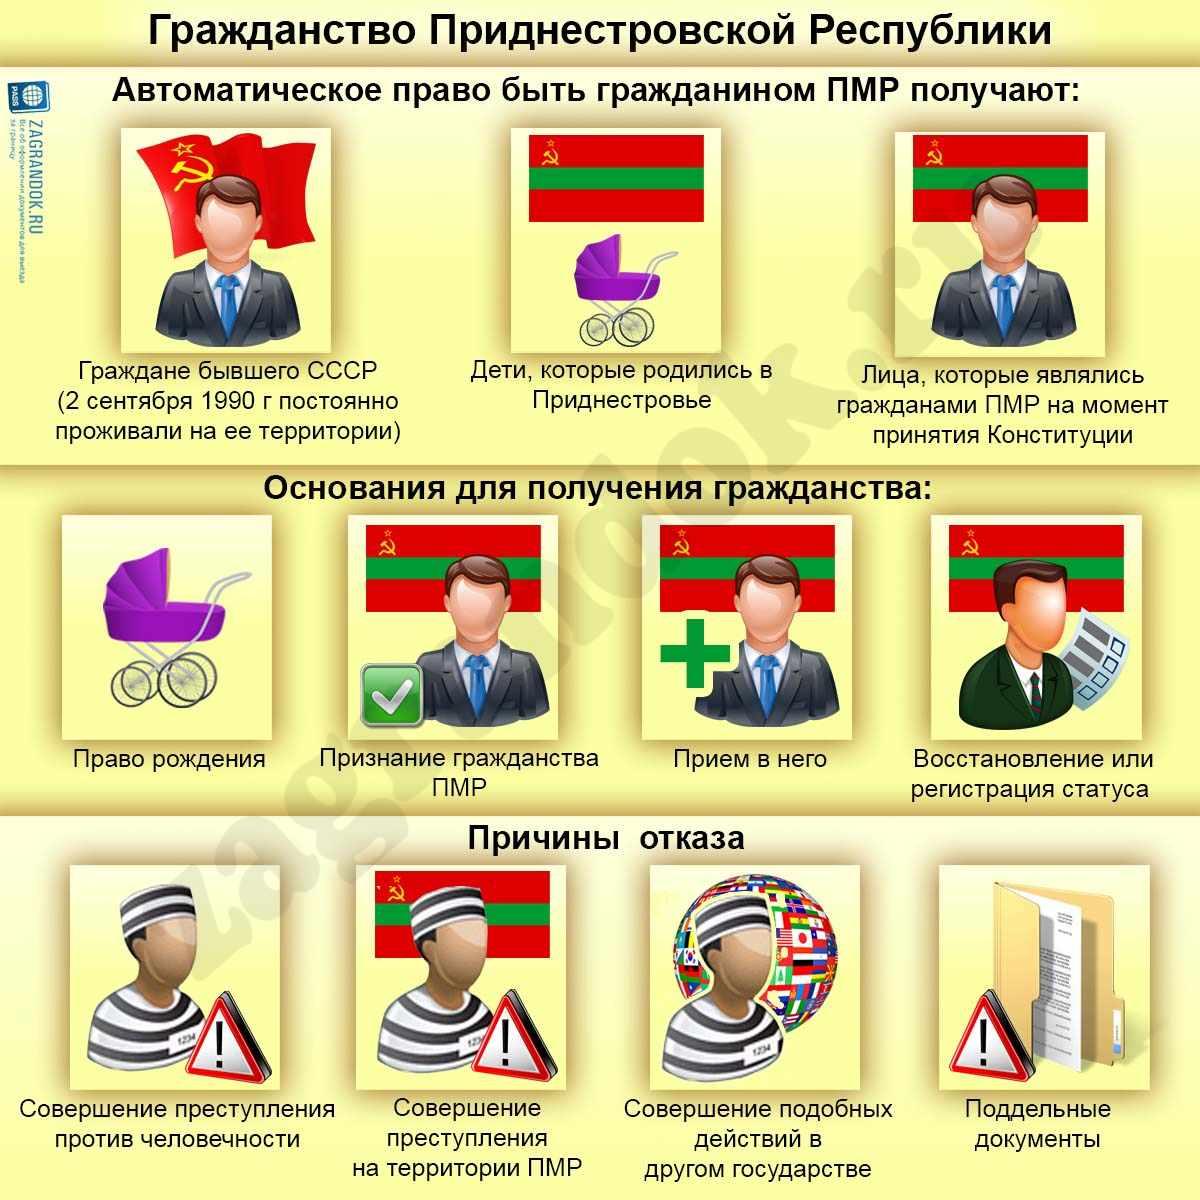 Гражданство Приднестровской Республики